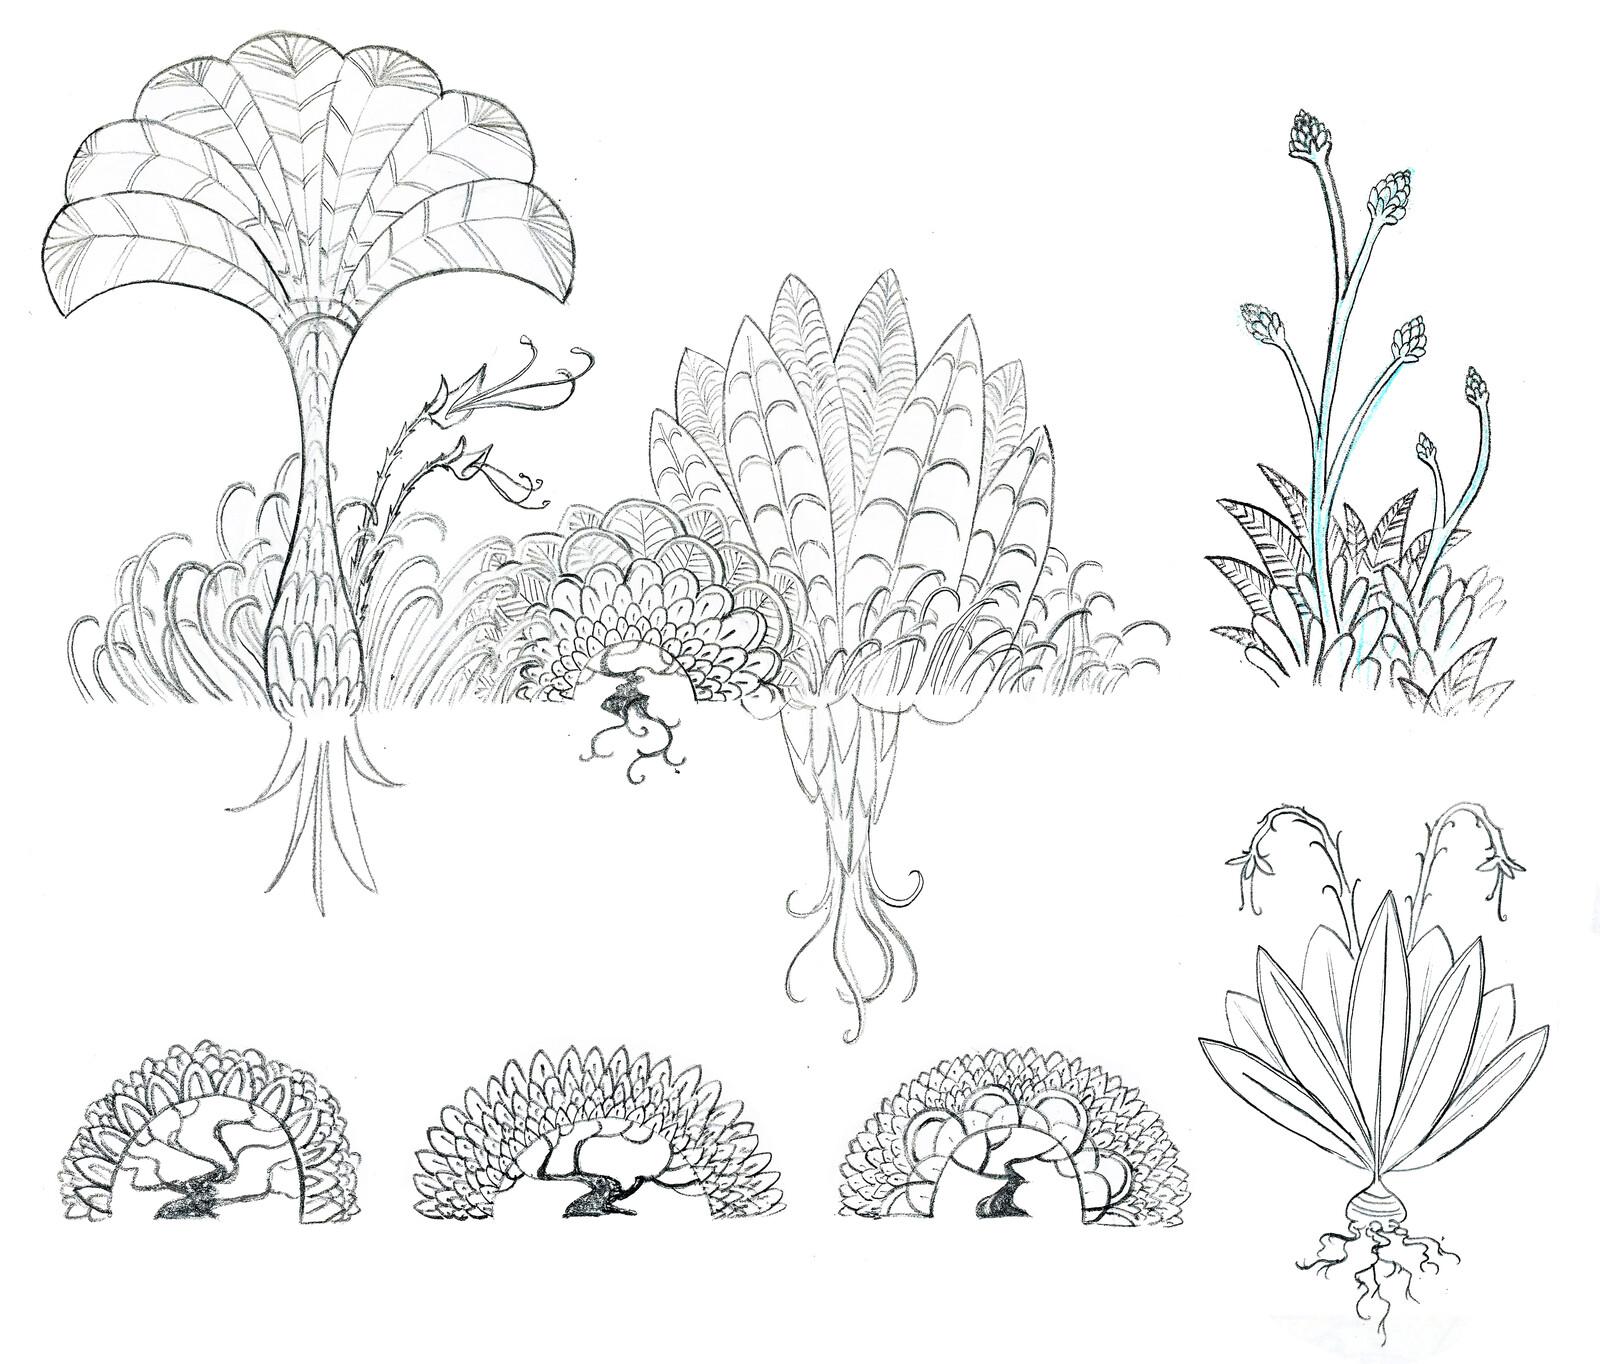 Orboros Flora - Sketch